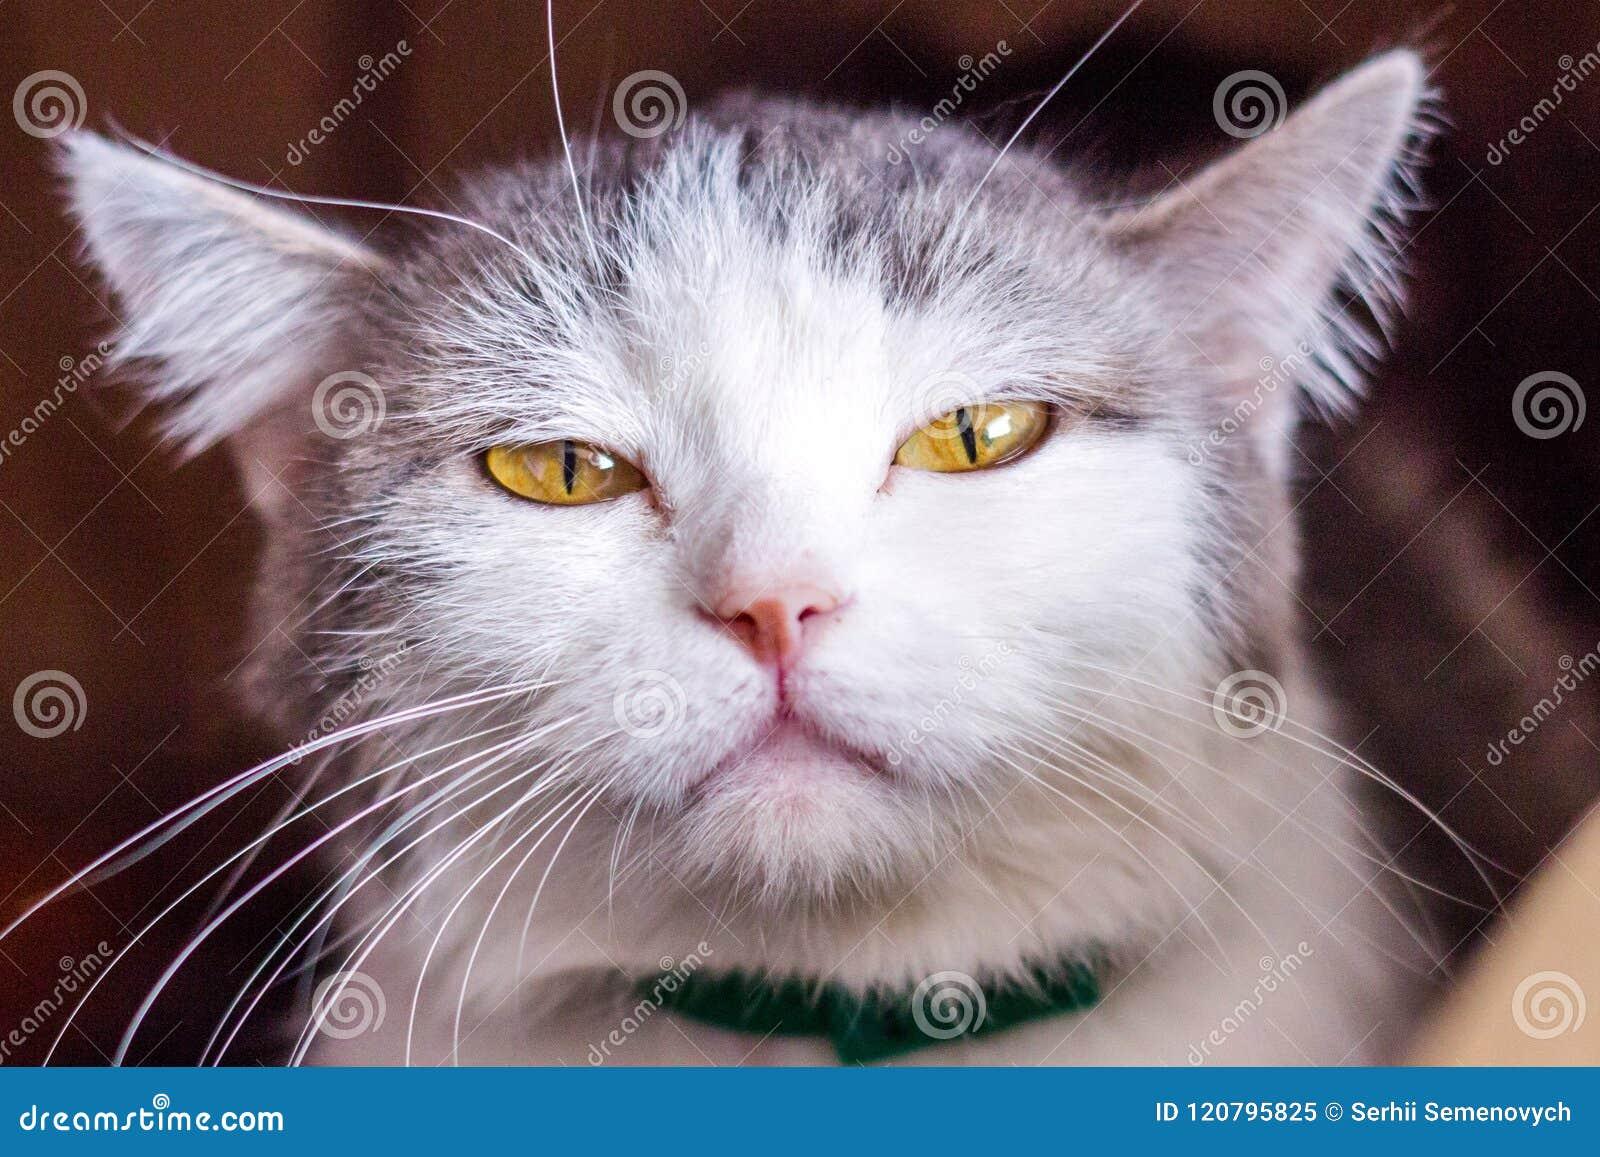 Kattväsande ljuden, gapar, grinar Tysta ned den stora katten Stående Du kan se huggtänderna, tänderna Stor katt, grått, fluffigt